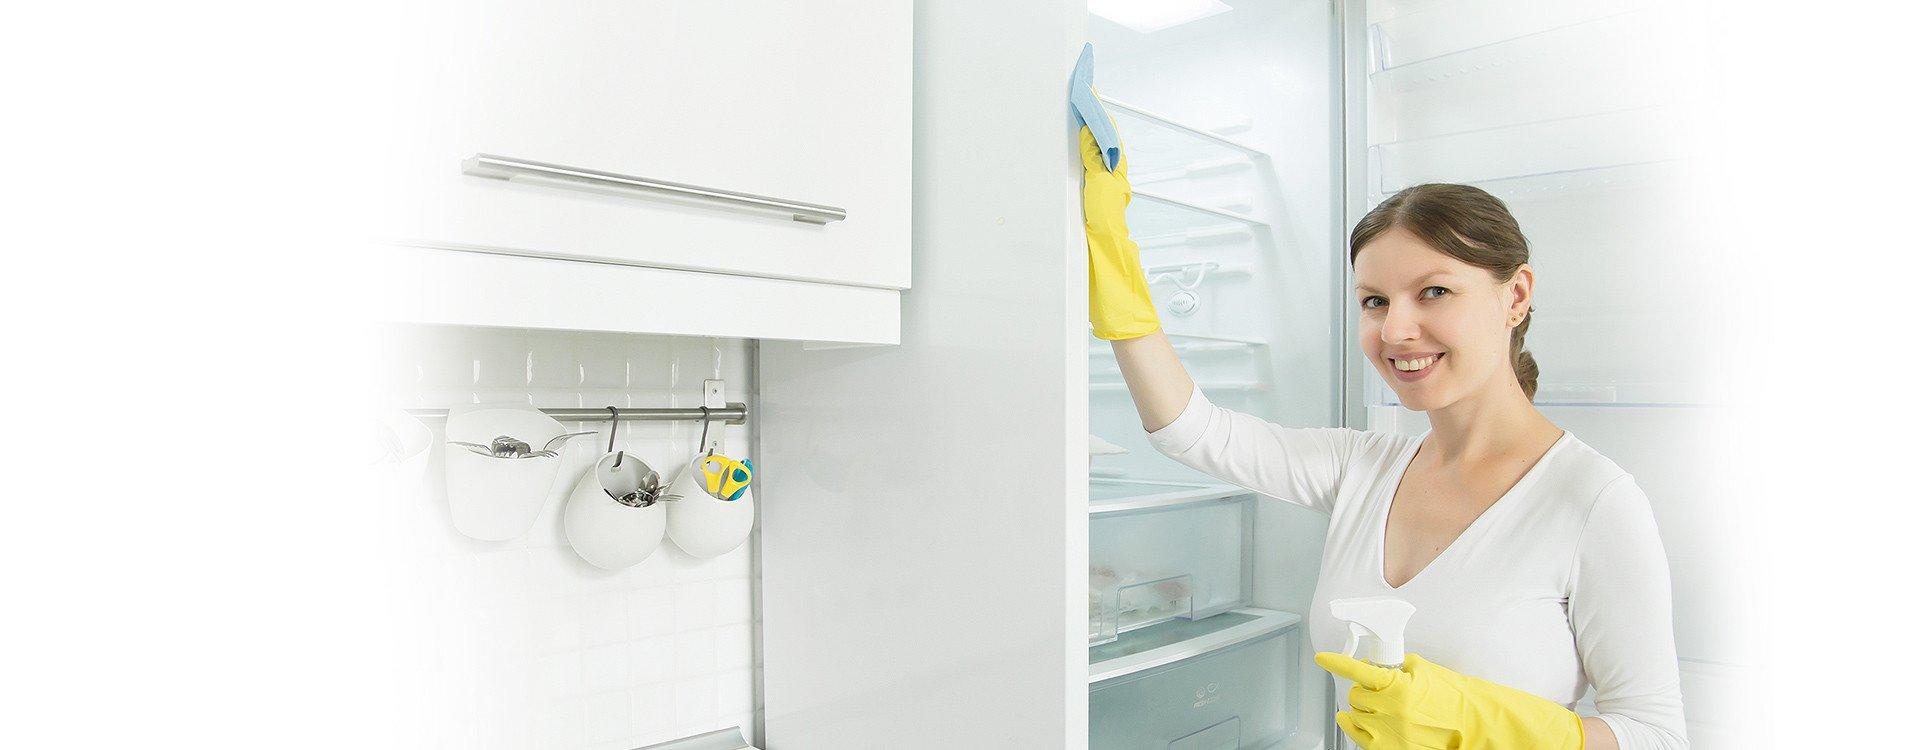 Jak rozmrozić lodówkę? O czym musisz pamiętać?